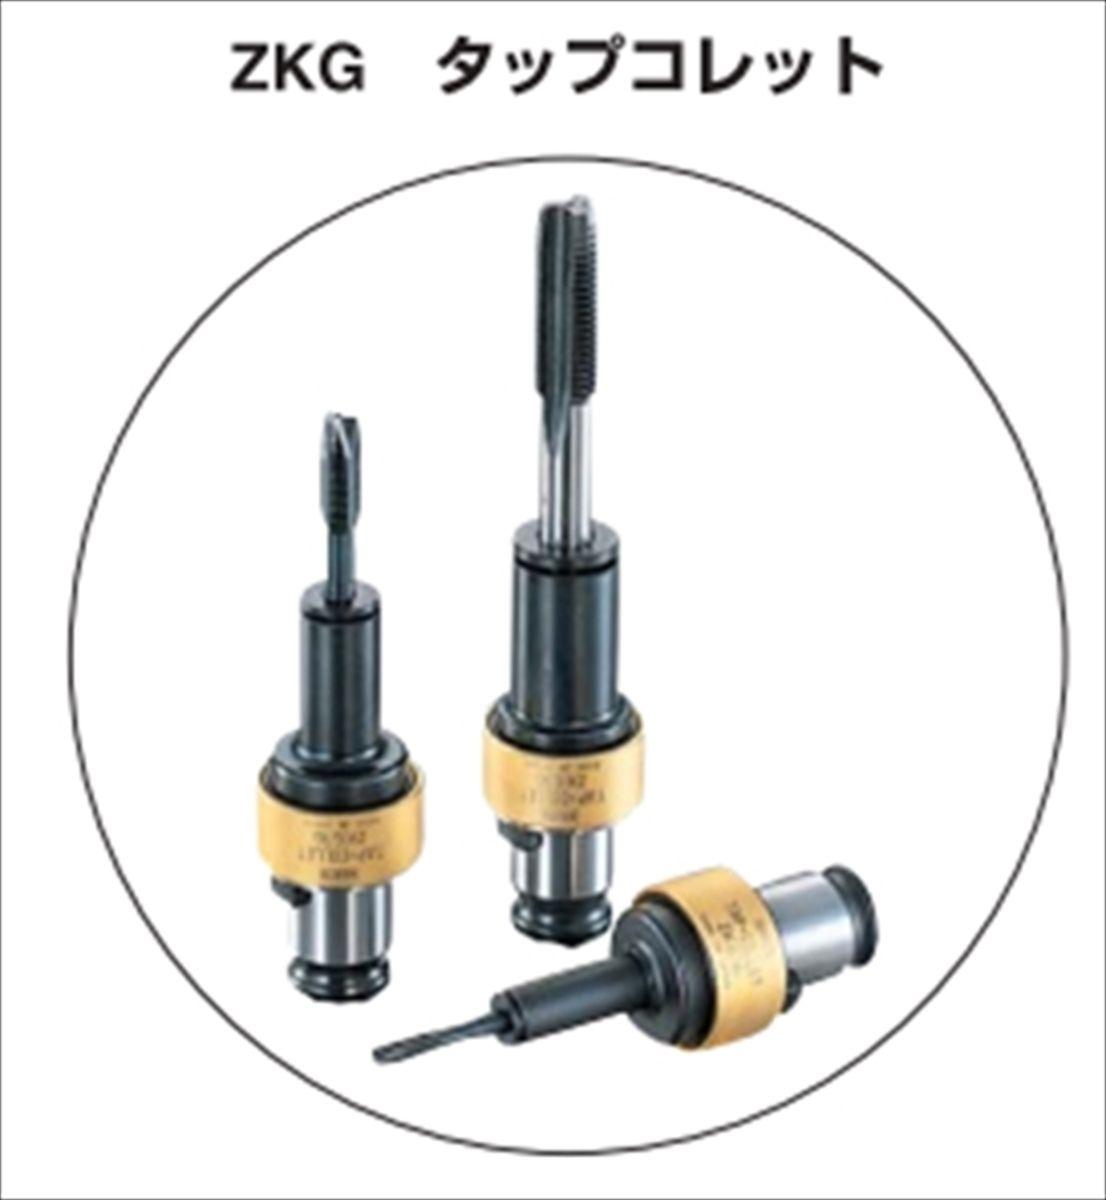 日研工作所 NIKKEN ZKG ワンタッチタップコレット (ZKG12-6)